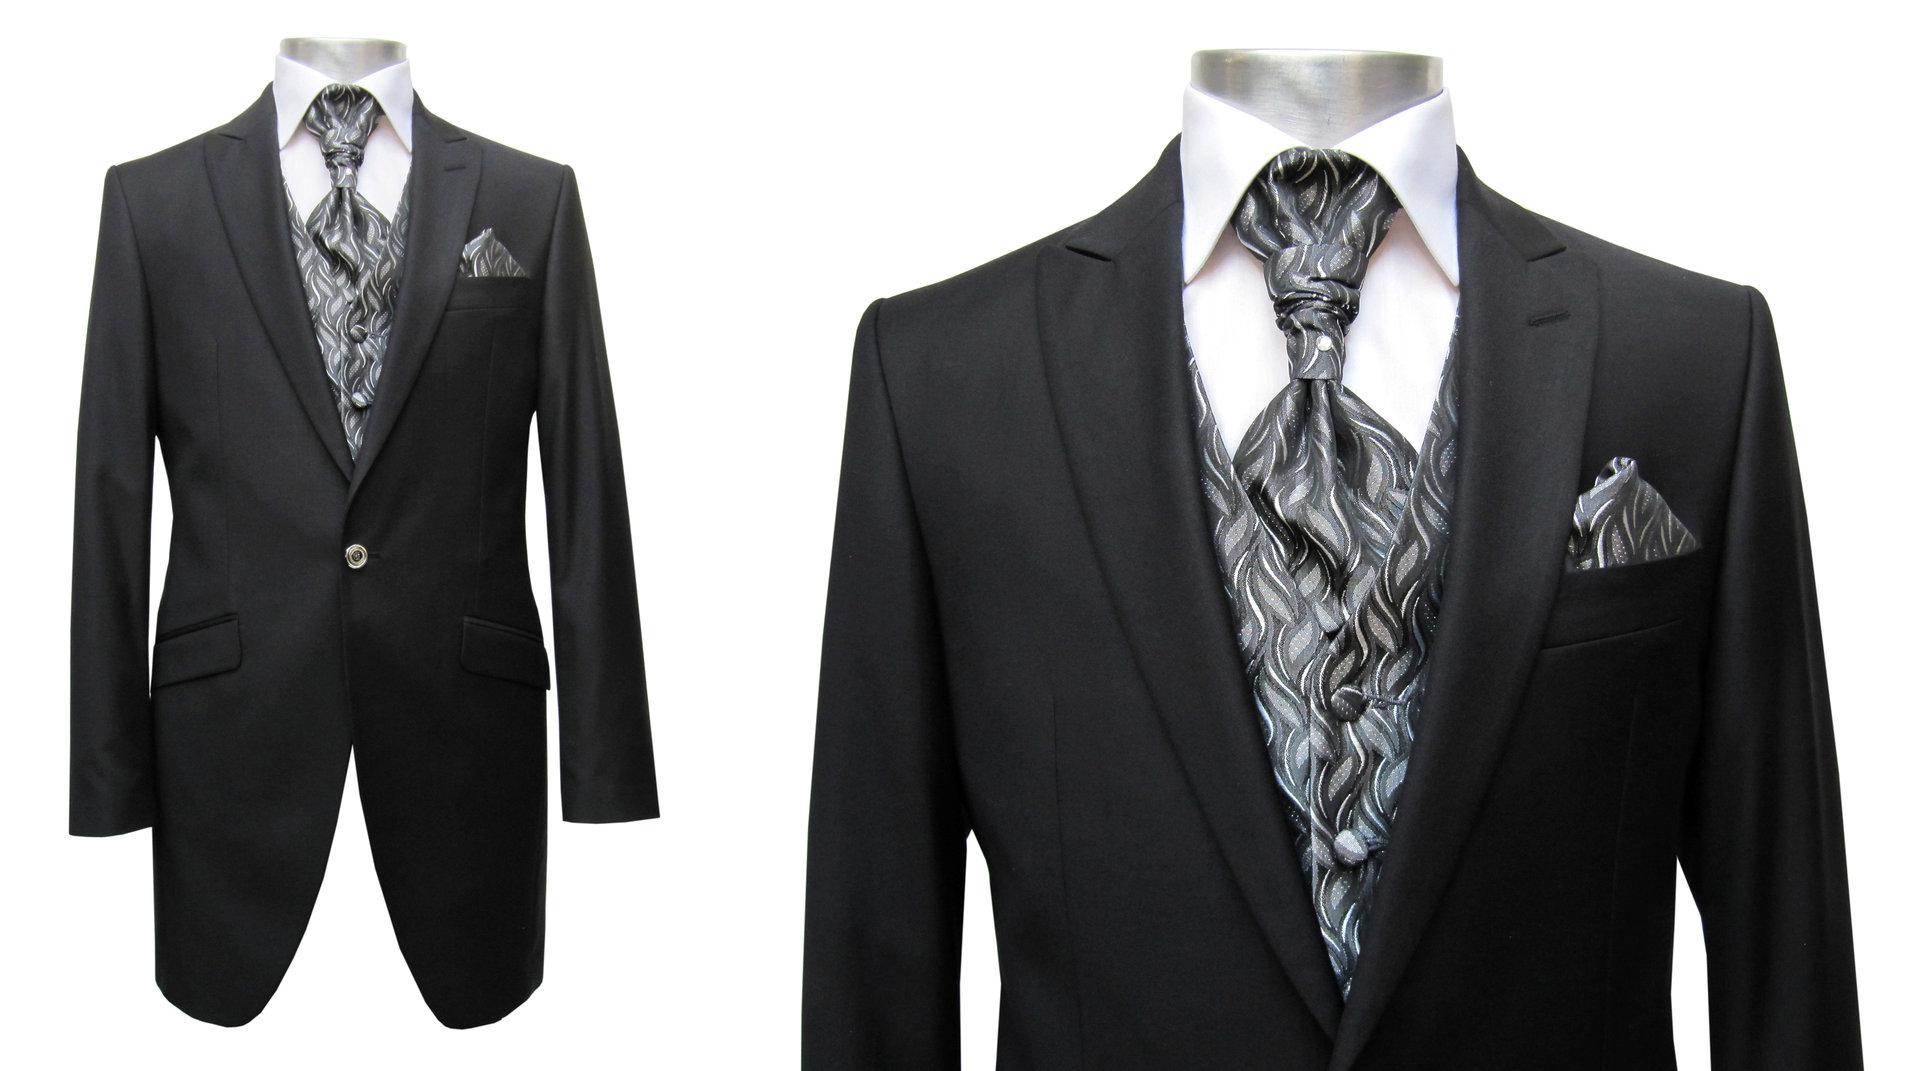 cutaway herren anzug hochzeit herrenausstatter aziko k ln. Black Bedroom Furniture Sets. Home Design Ideas